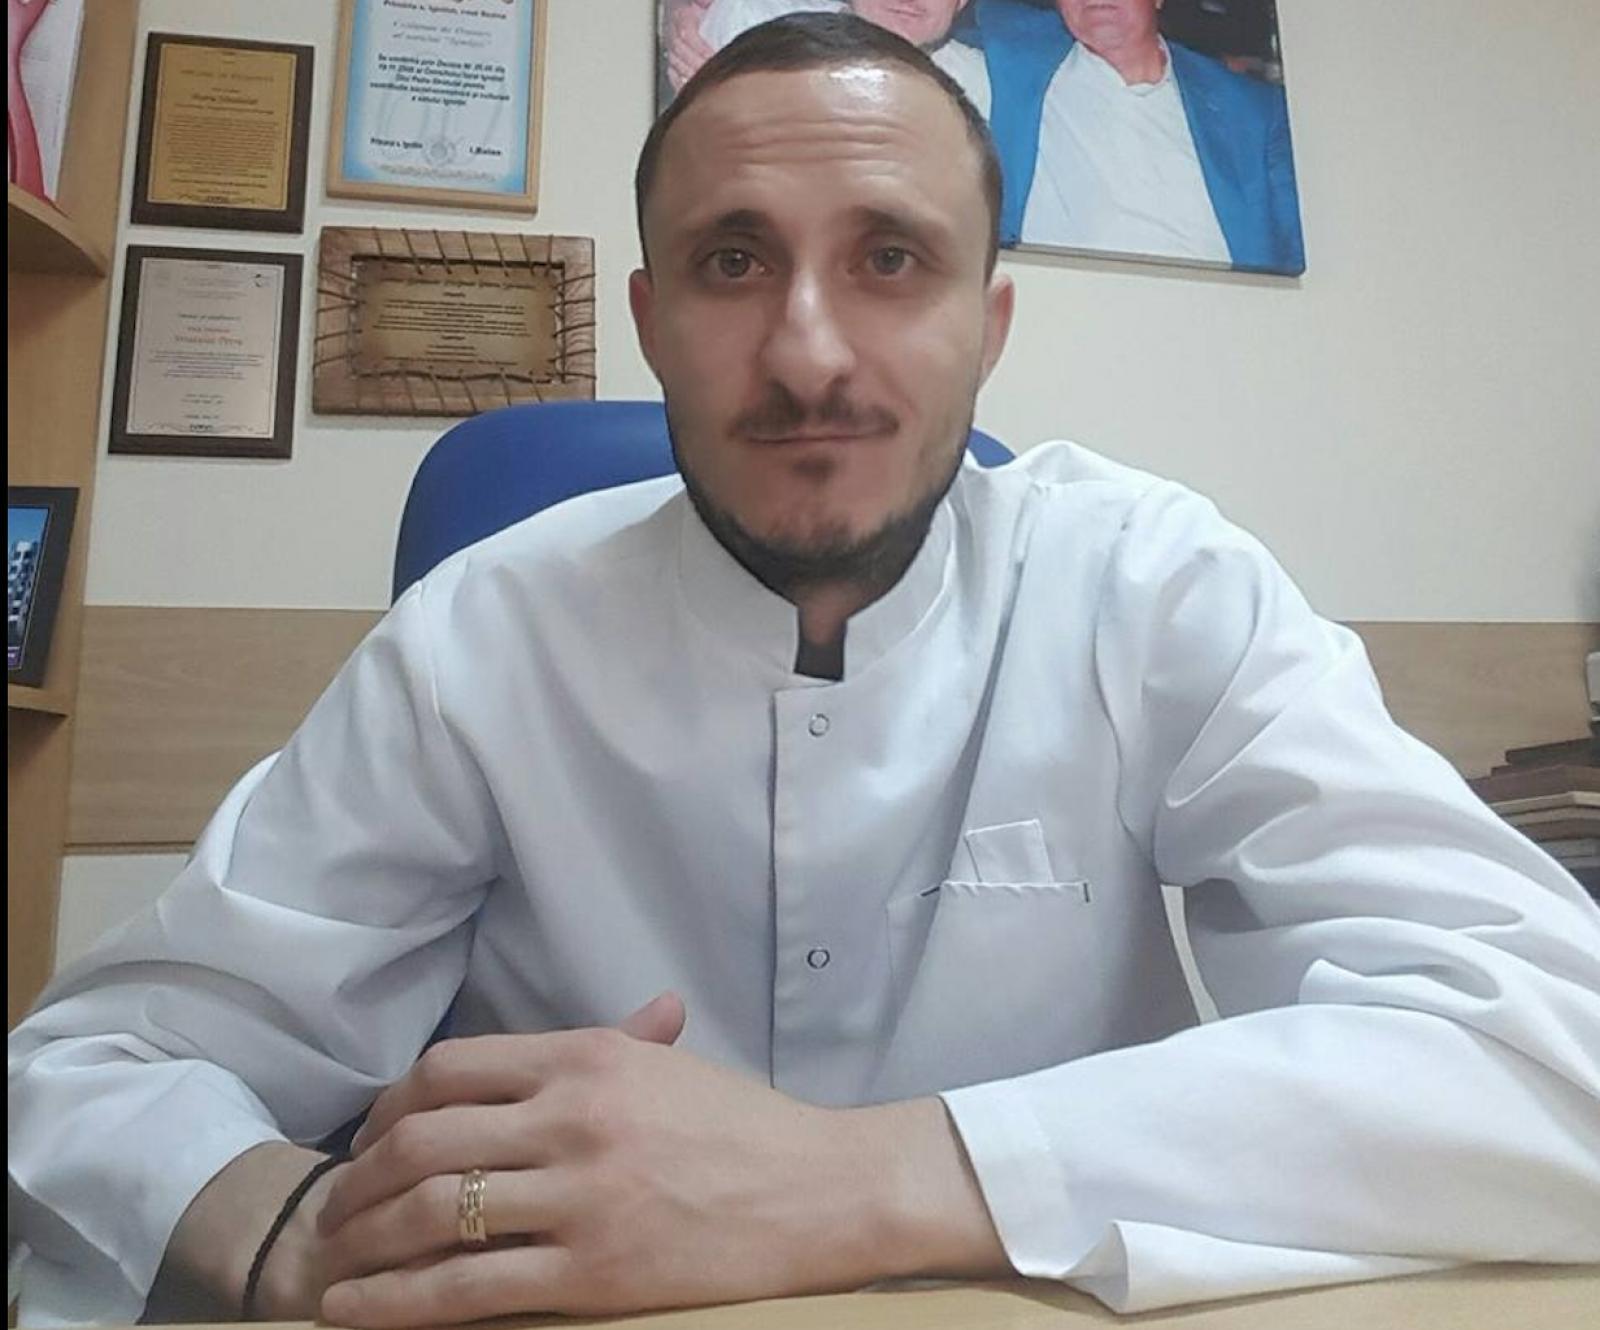 """Mihai Stratulat continuă să facă dezvăluiri din sistemul medical: """"Sunt medici foarte buni în acele spitale, dar sunt impuși să facă acest joc"""""""